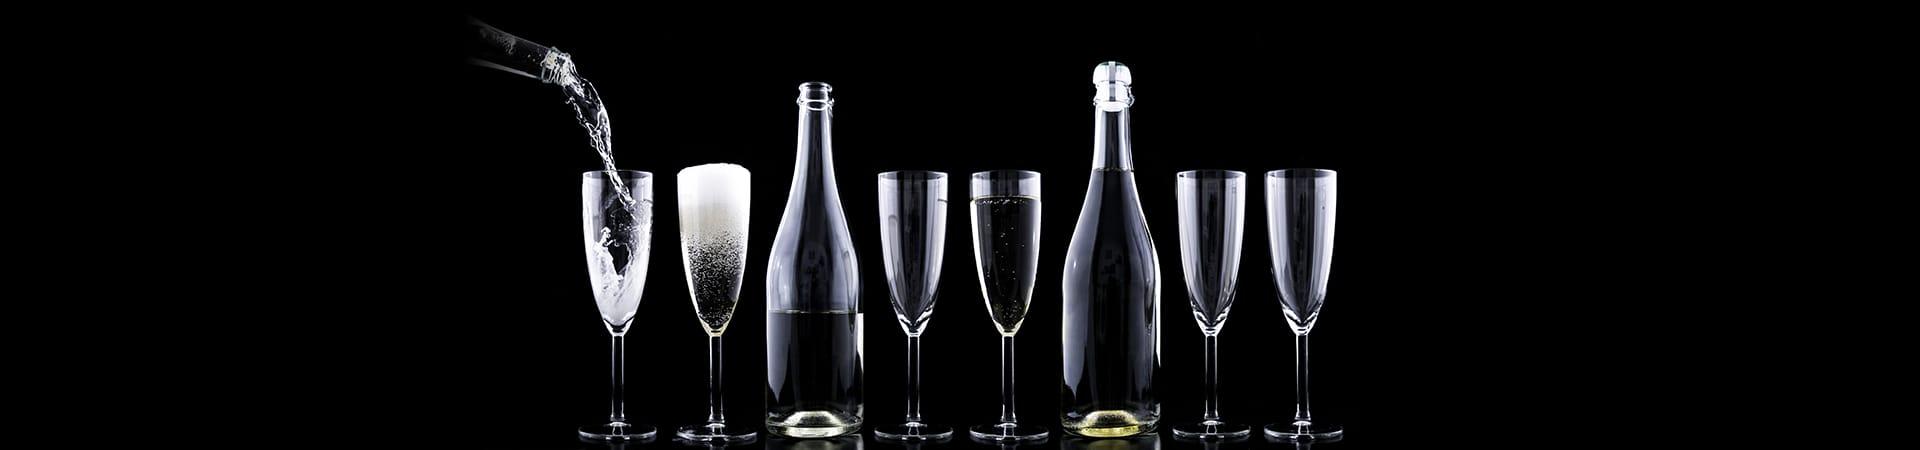 Sekt, Secco & Champagner